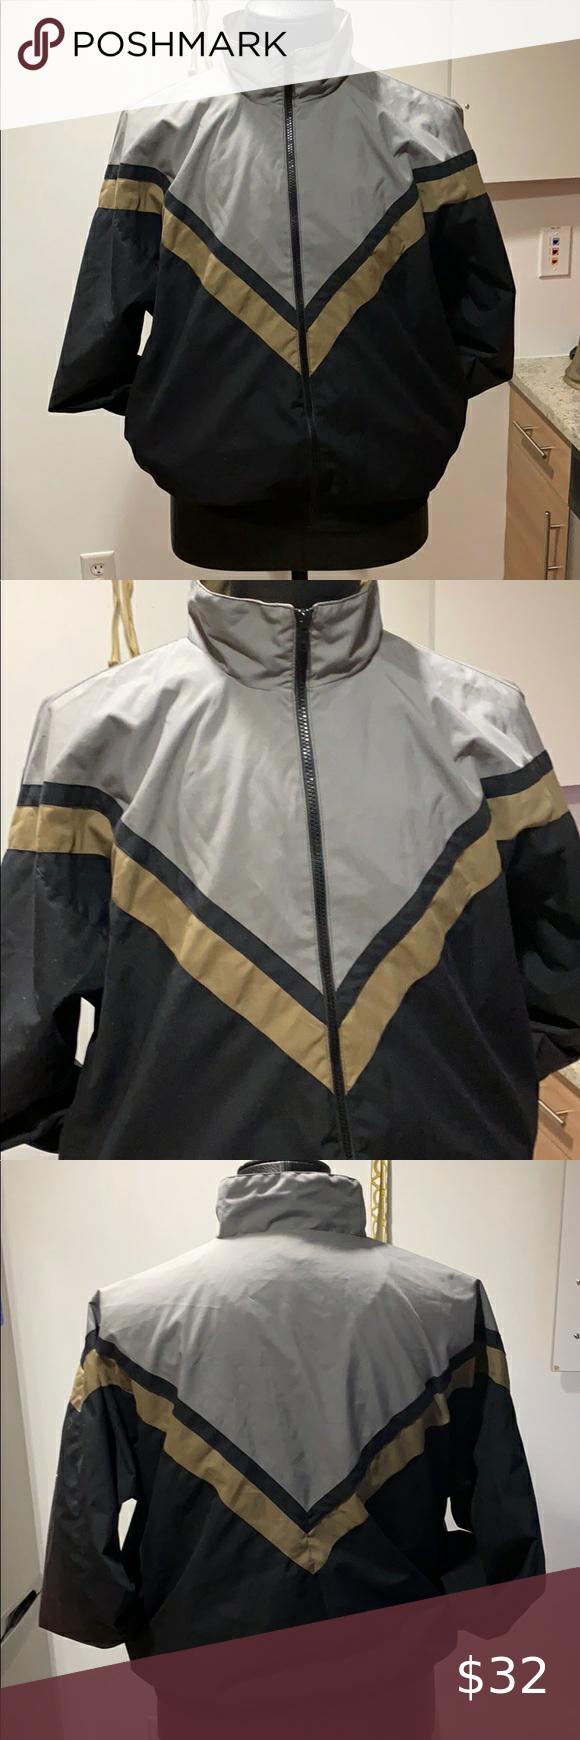 Windbreaker Champion Windbreaker Size M Champion Jackets Coats In 2020 Alabama Hoodie Champion Jacket Windbreaker [ 1740 x 580 Pixel ]